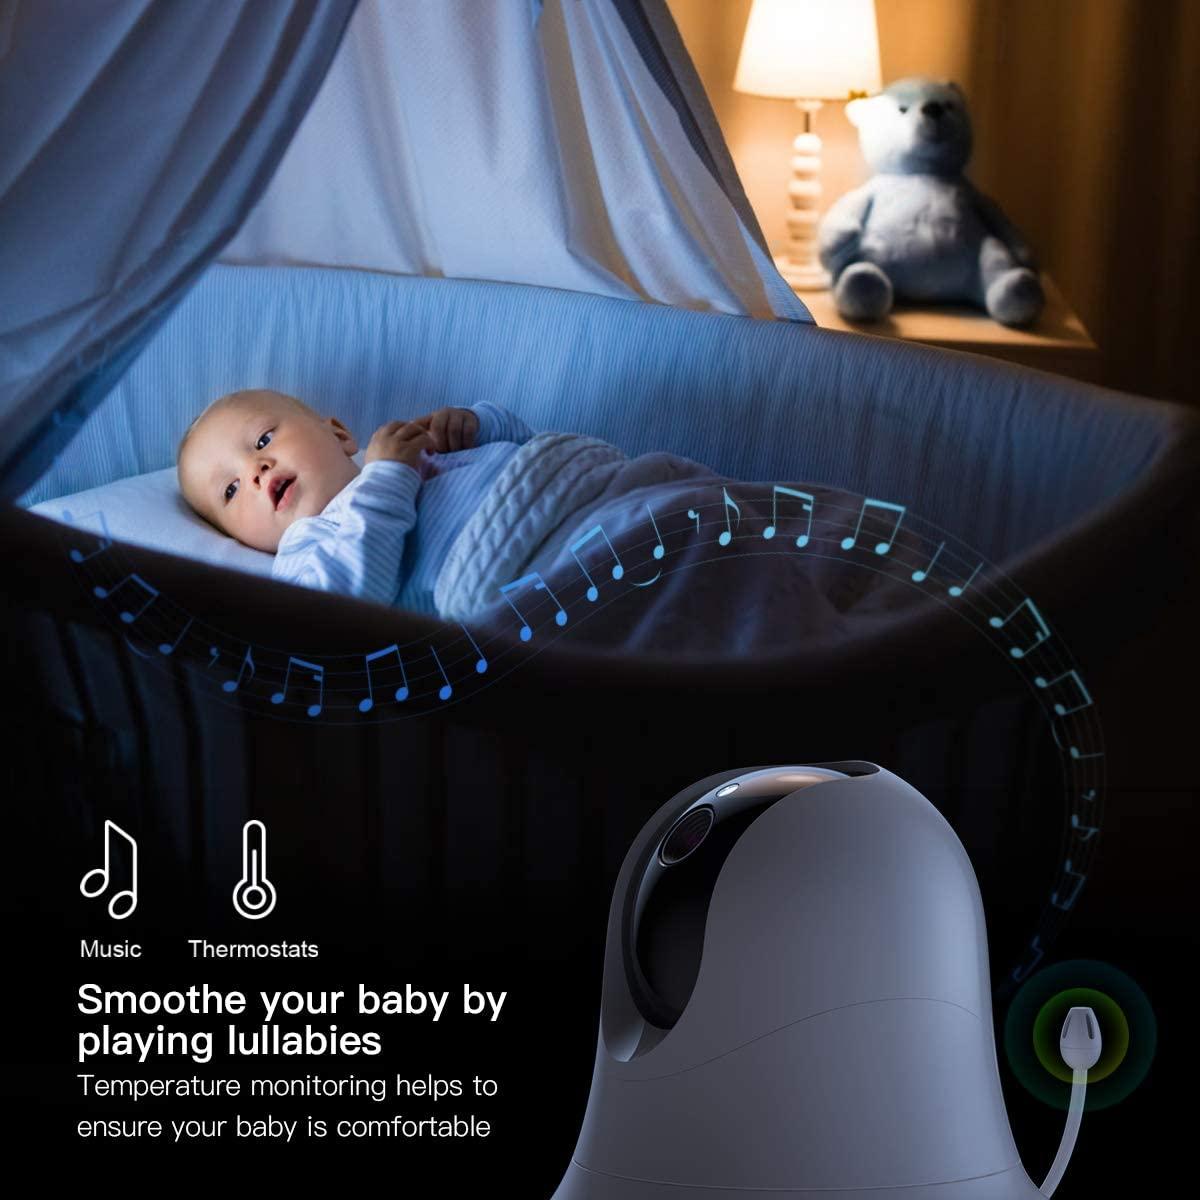 Il Baby Monitor CACAGOO è in offerta su Amazon a 58,64 euro